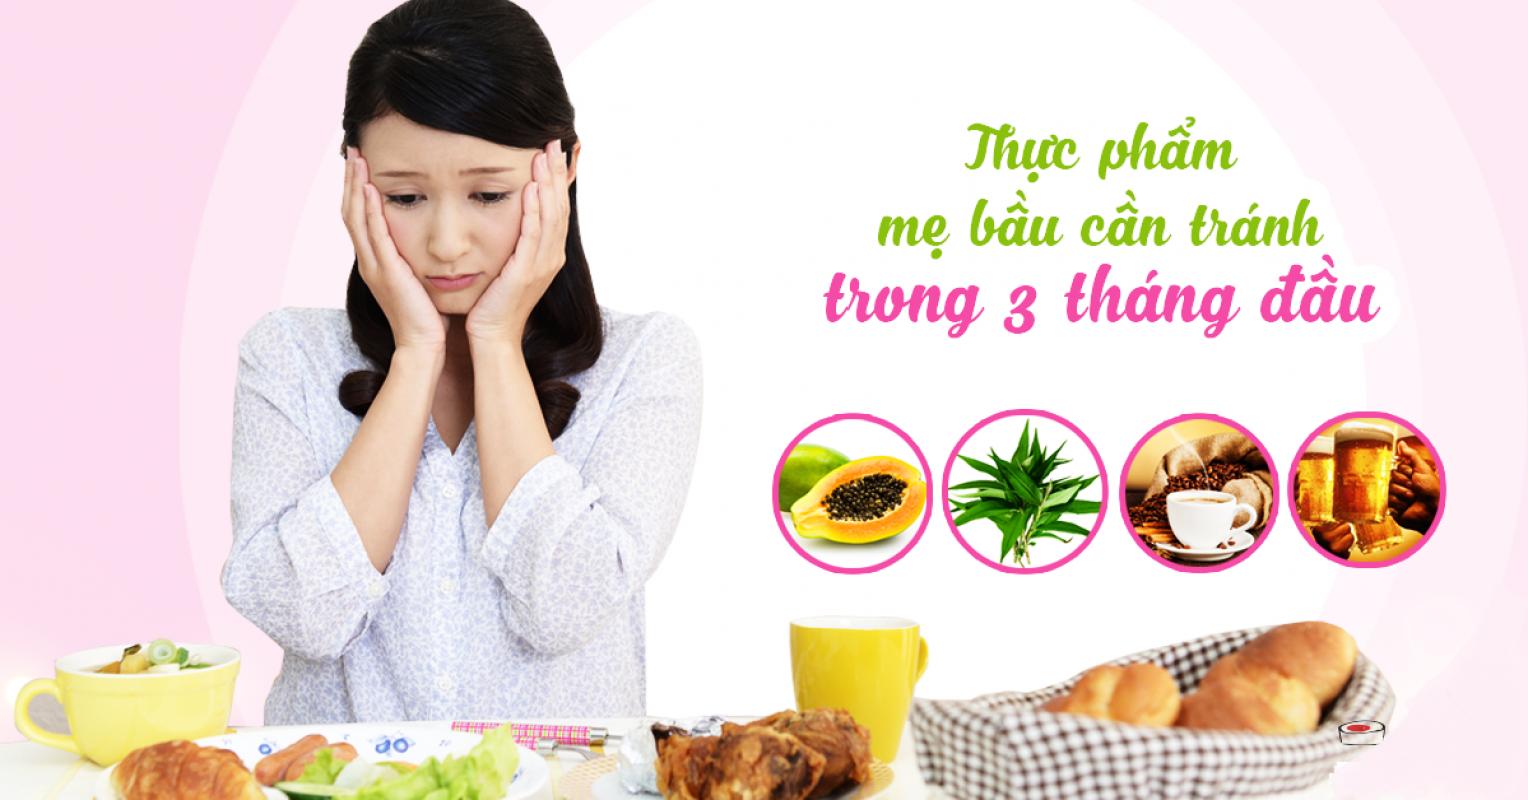 Bà Bầu Không Nên Ăn Gì Trong 3 Tháng Đầu Để Giúp Thai Nhi Phòng Tránh Dị Tật Bẩm Sinh?